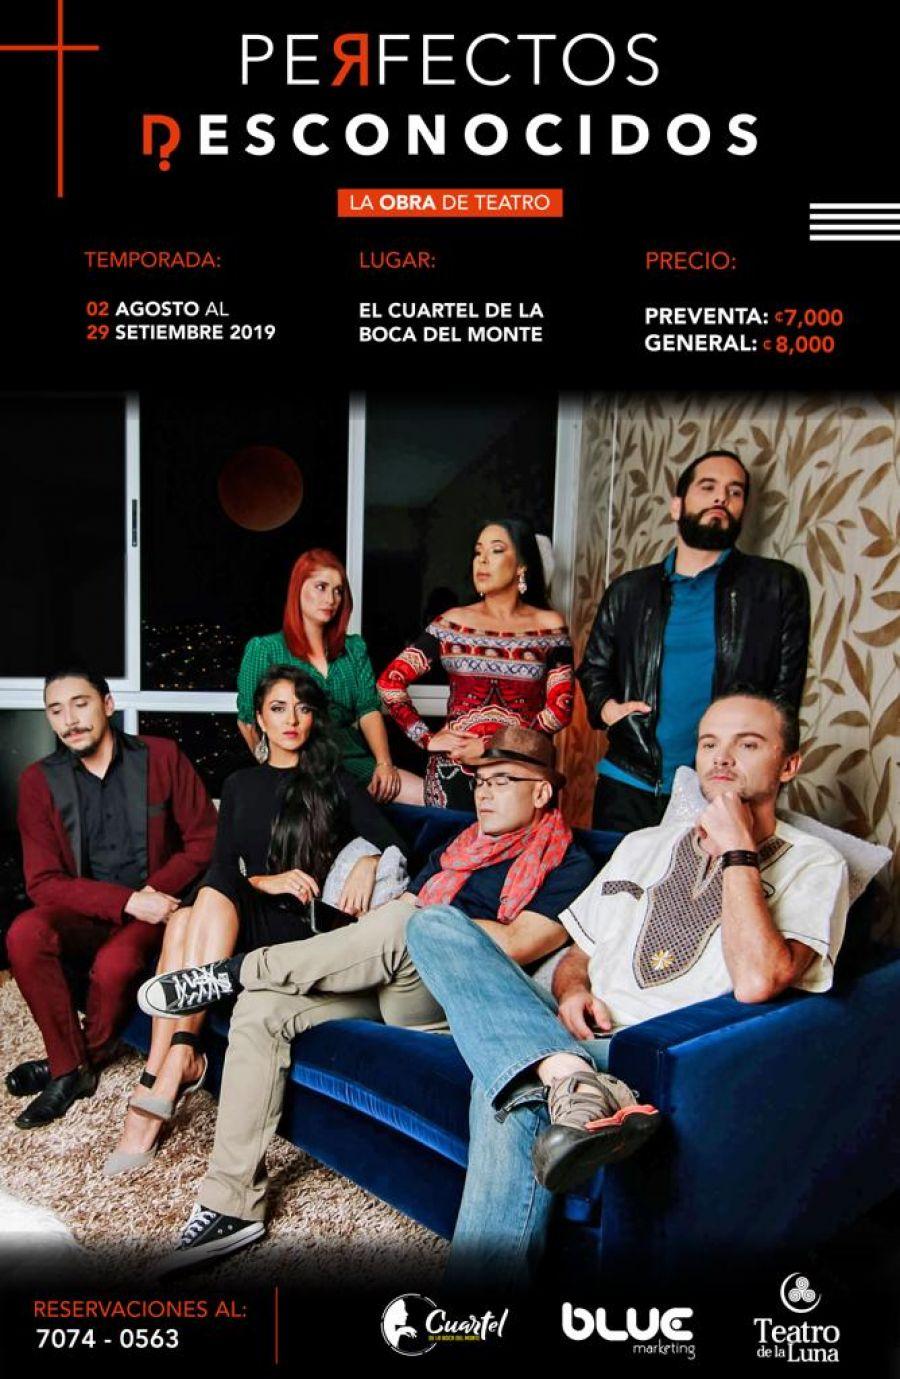 Perfectos desconocidos. La Luna Teatro. Drama